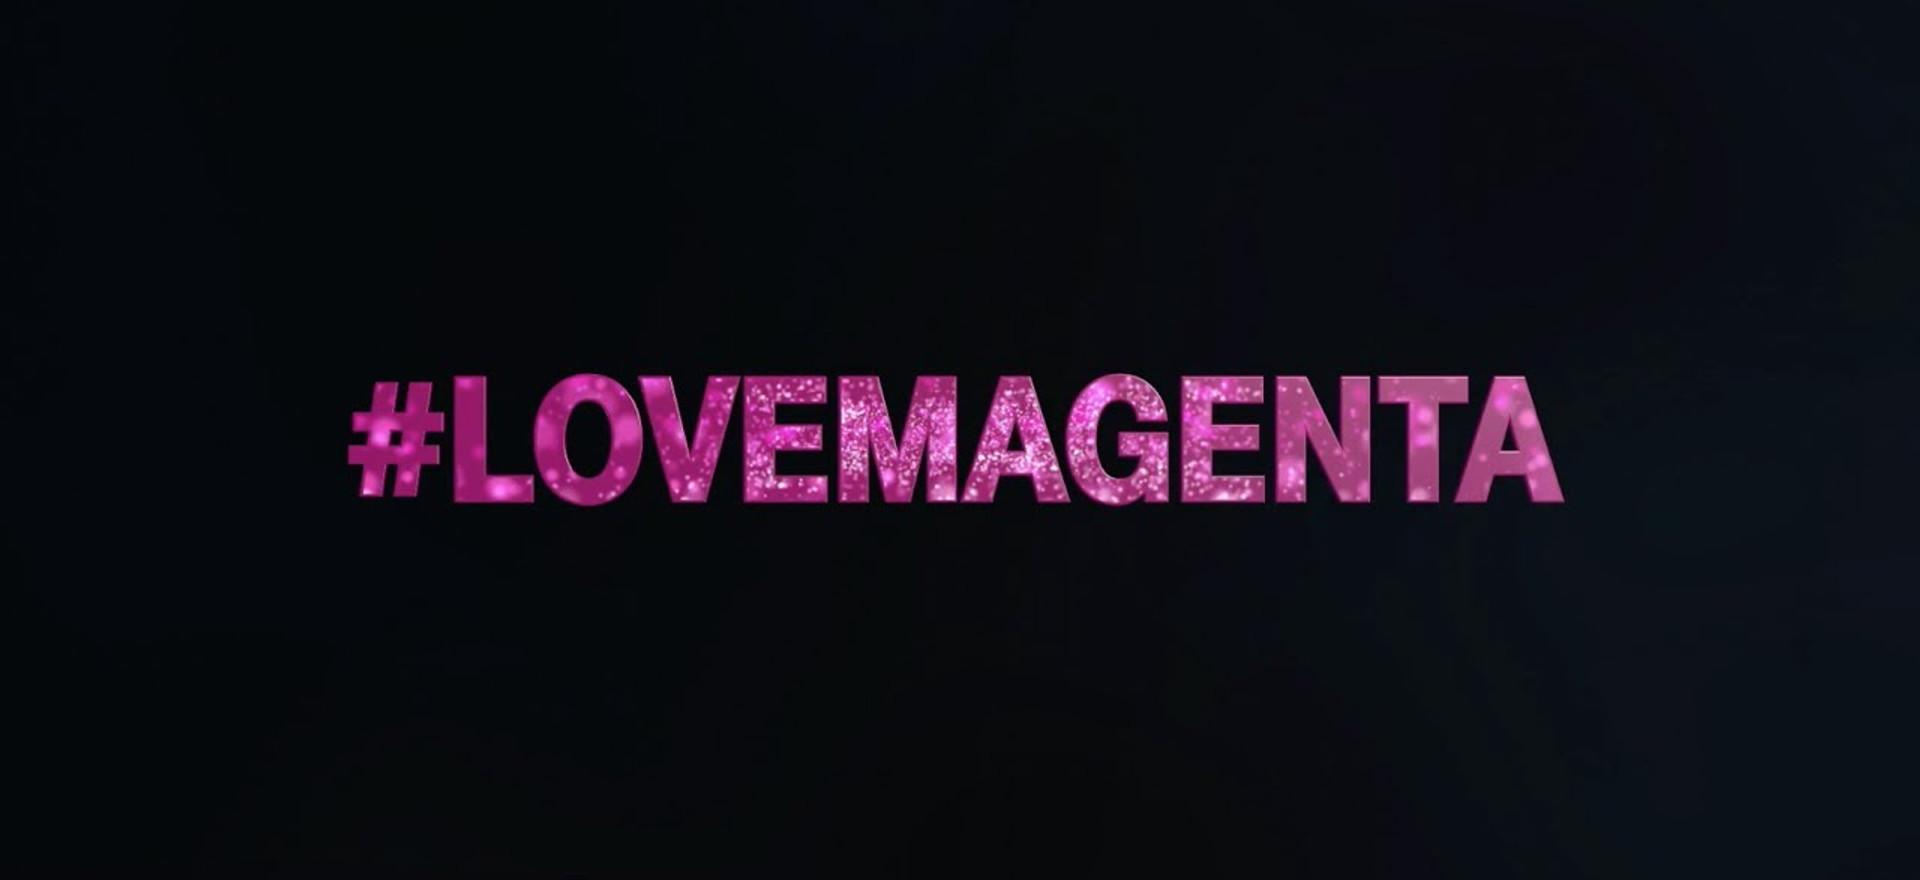 DEQN SUE MAGENTA AD